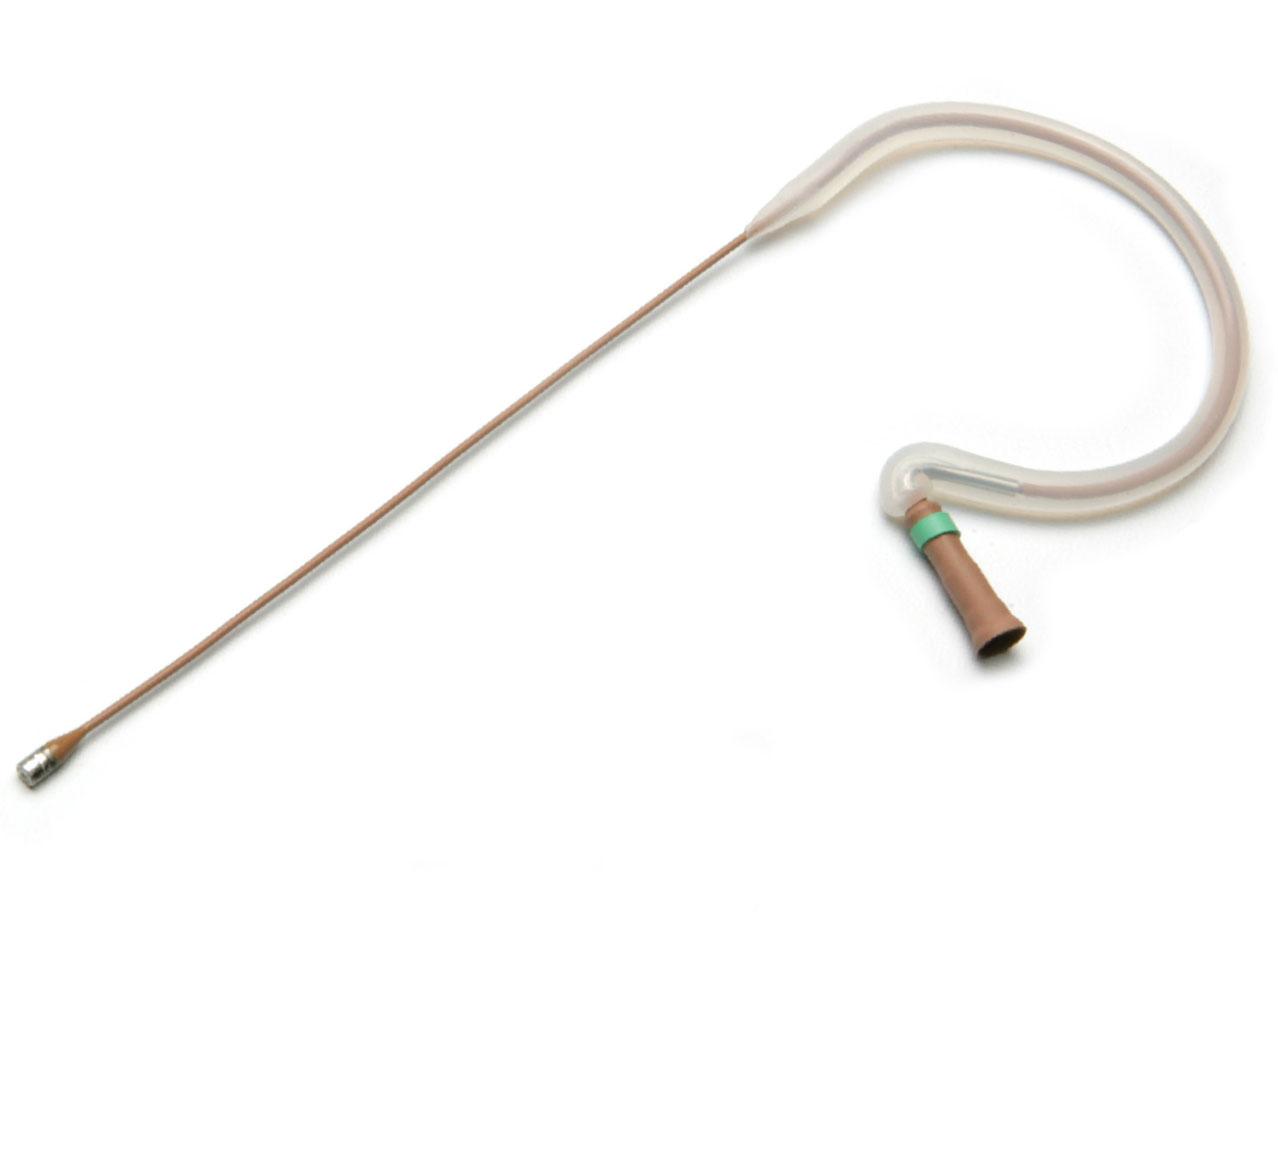 E6i Earset Microphone for Sennheiser wireless, Light Beige